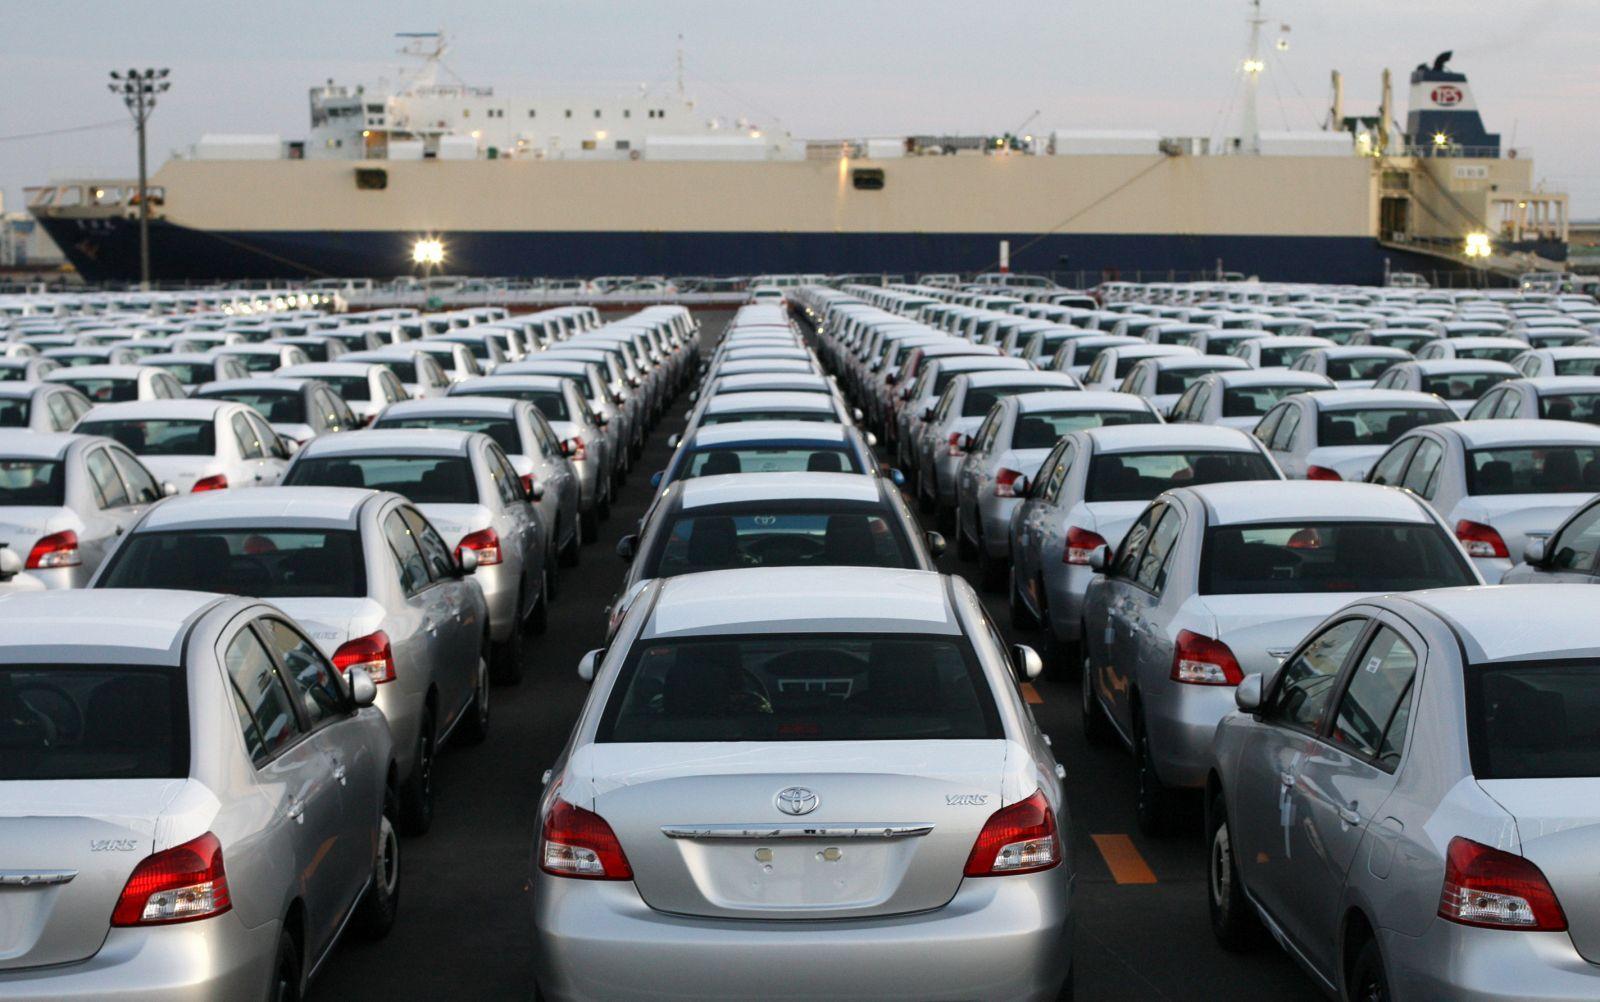 Trách nhiệm của doanh nghiệp nhập khẩu ô tô trong việc kiểm tra chất lượng an toàn kỹ thuật